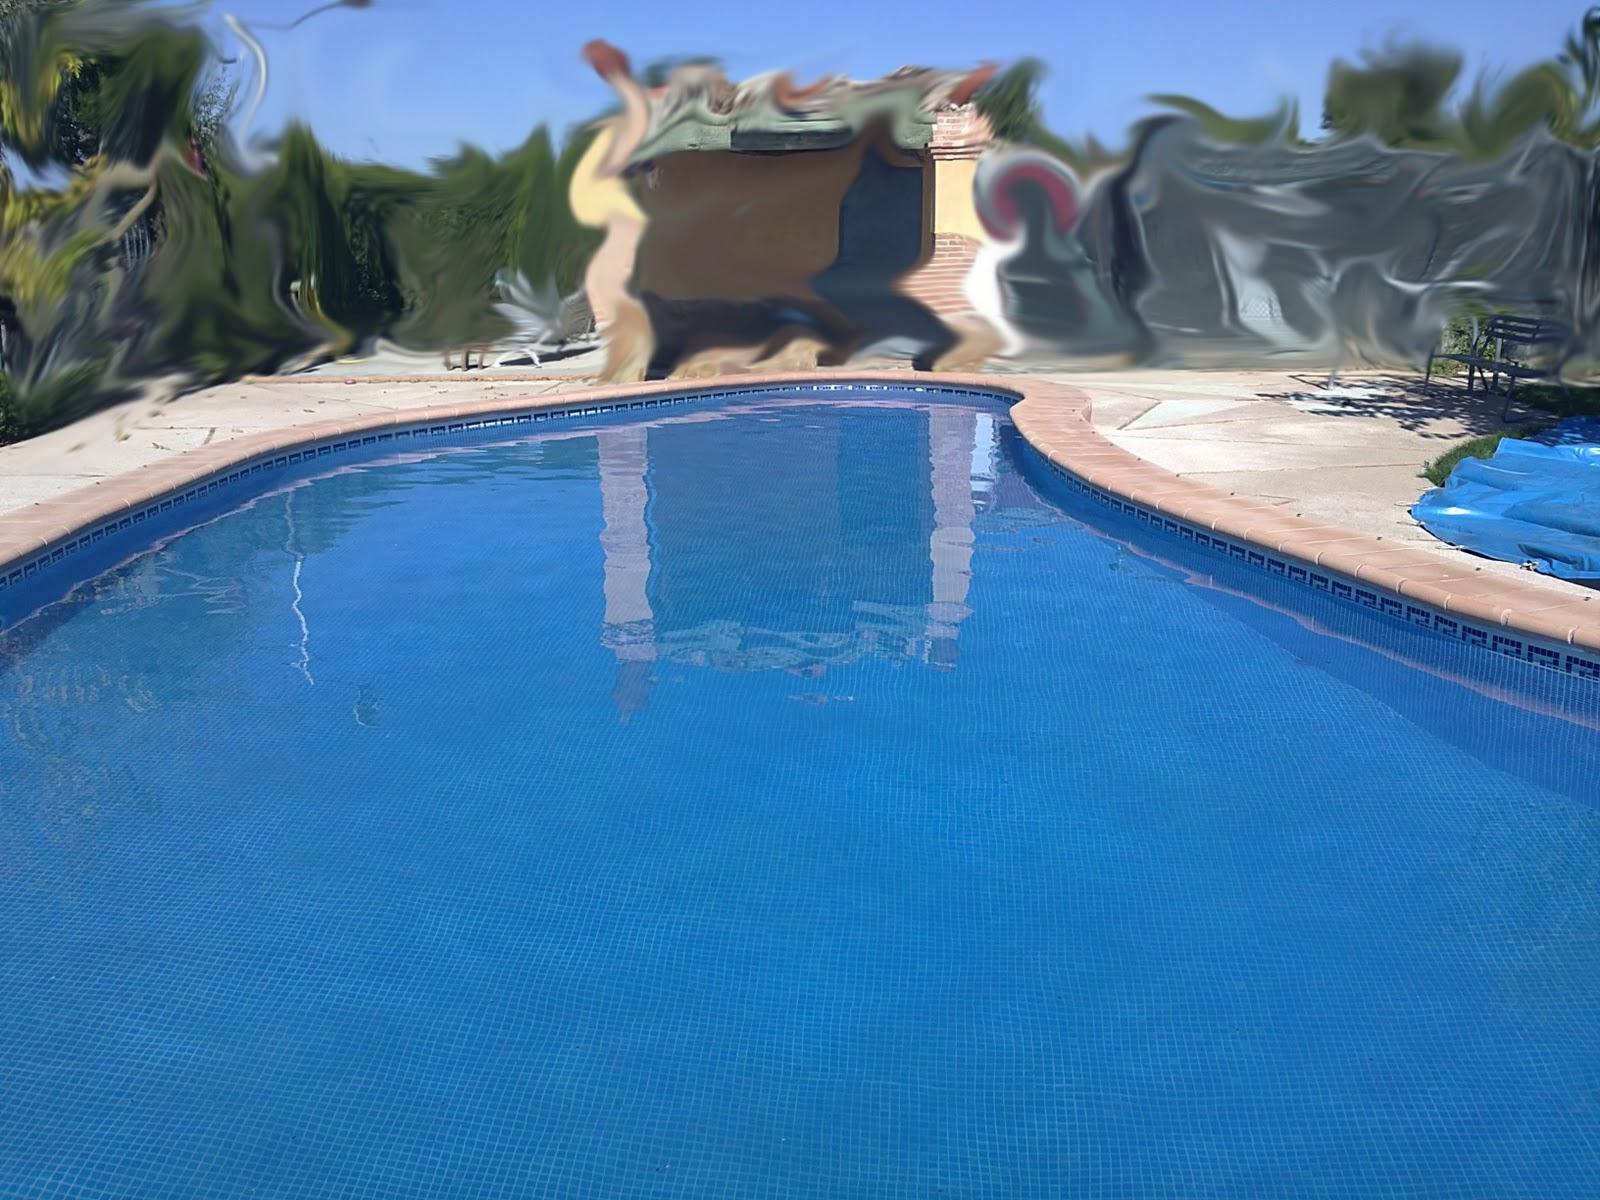 Mantenimientos pastor piscina en forma de ri on for Formas para piscinas